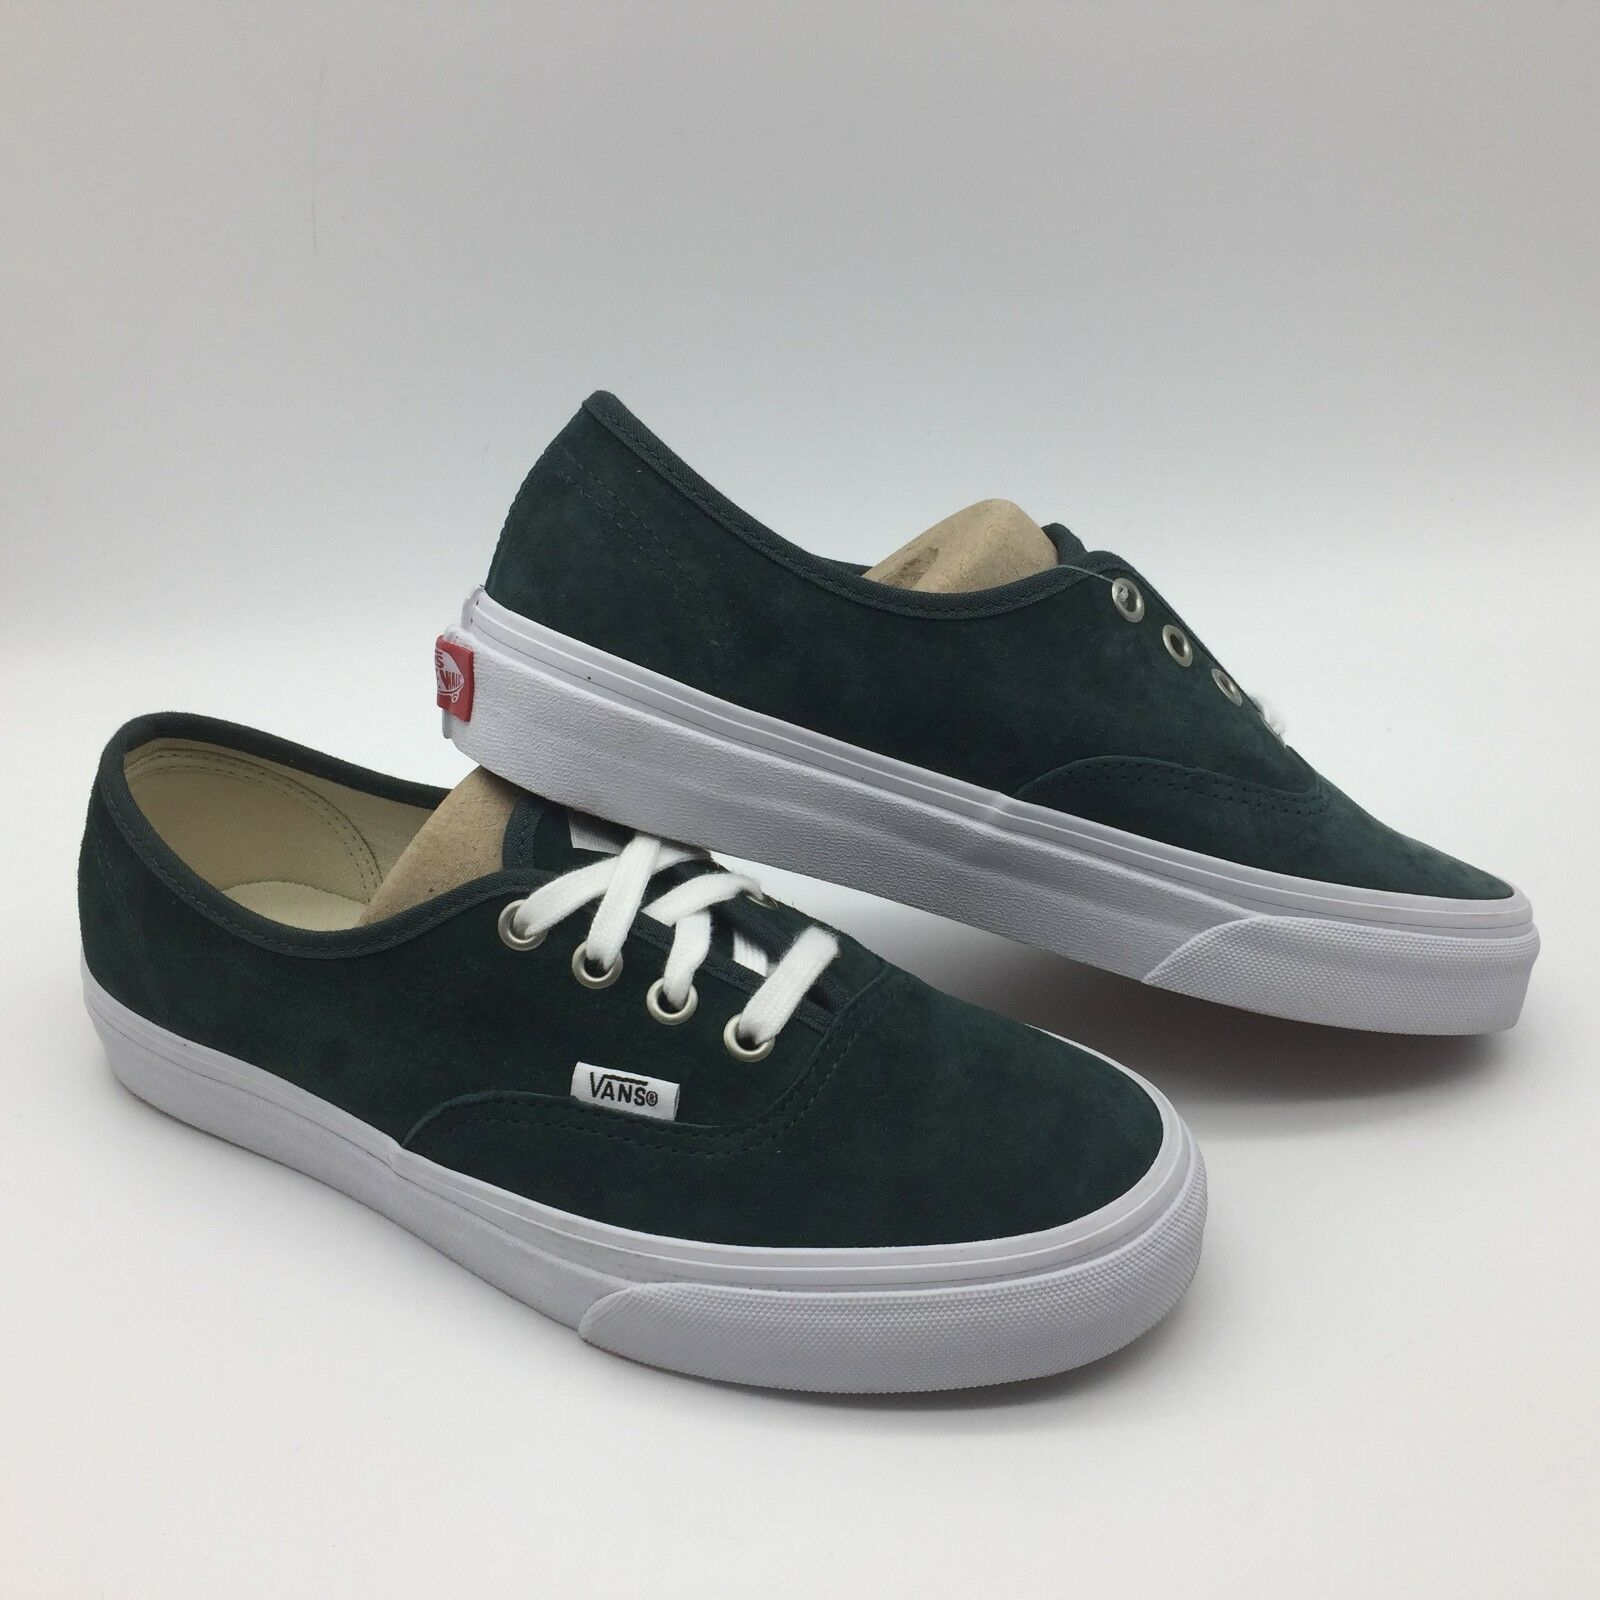 Vans Men Women's shoes's  Authentic (Pig Suede) Darkest Spruc